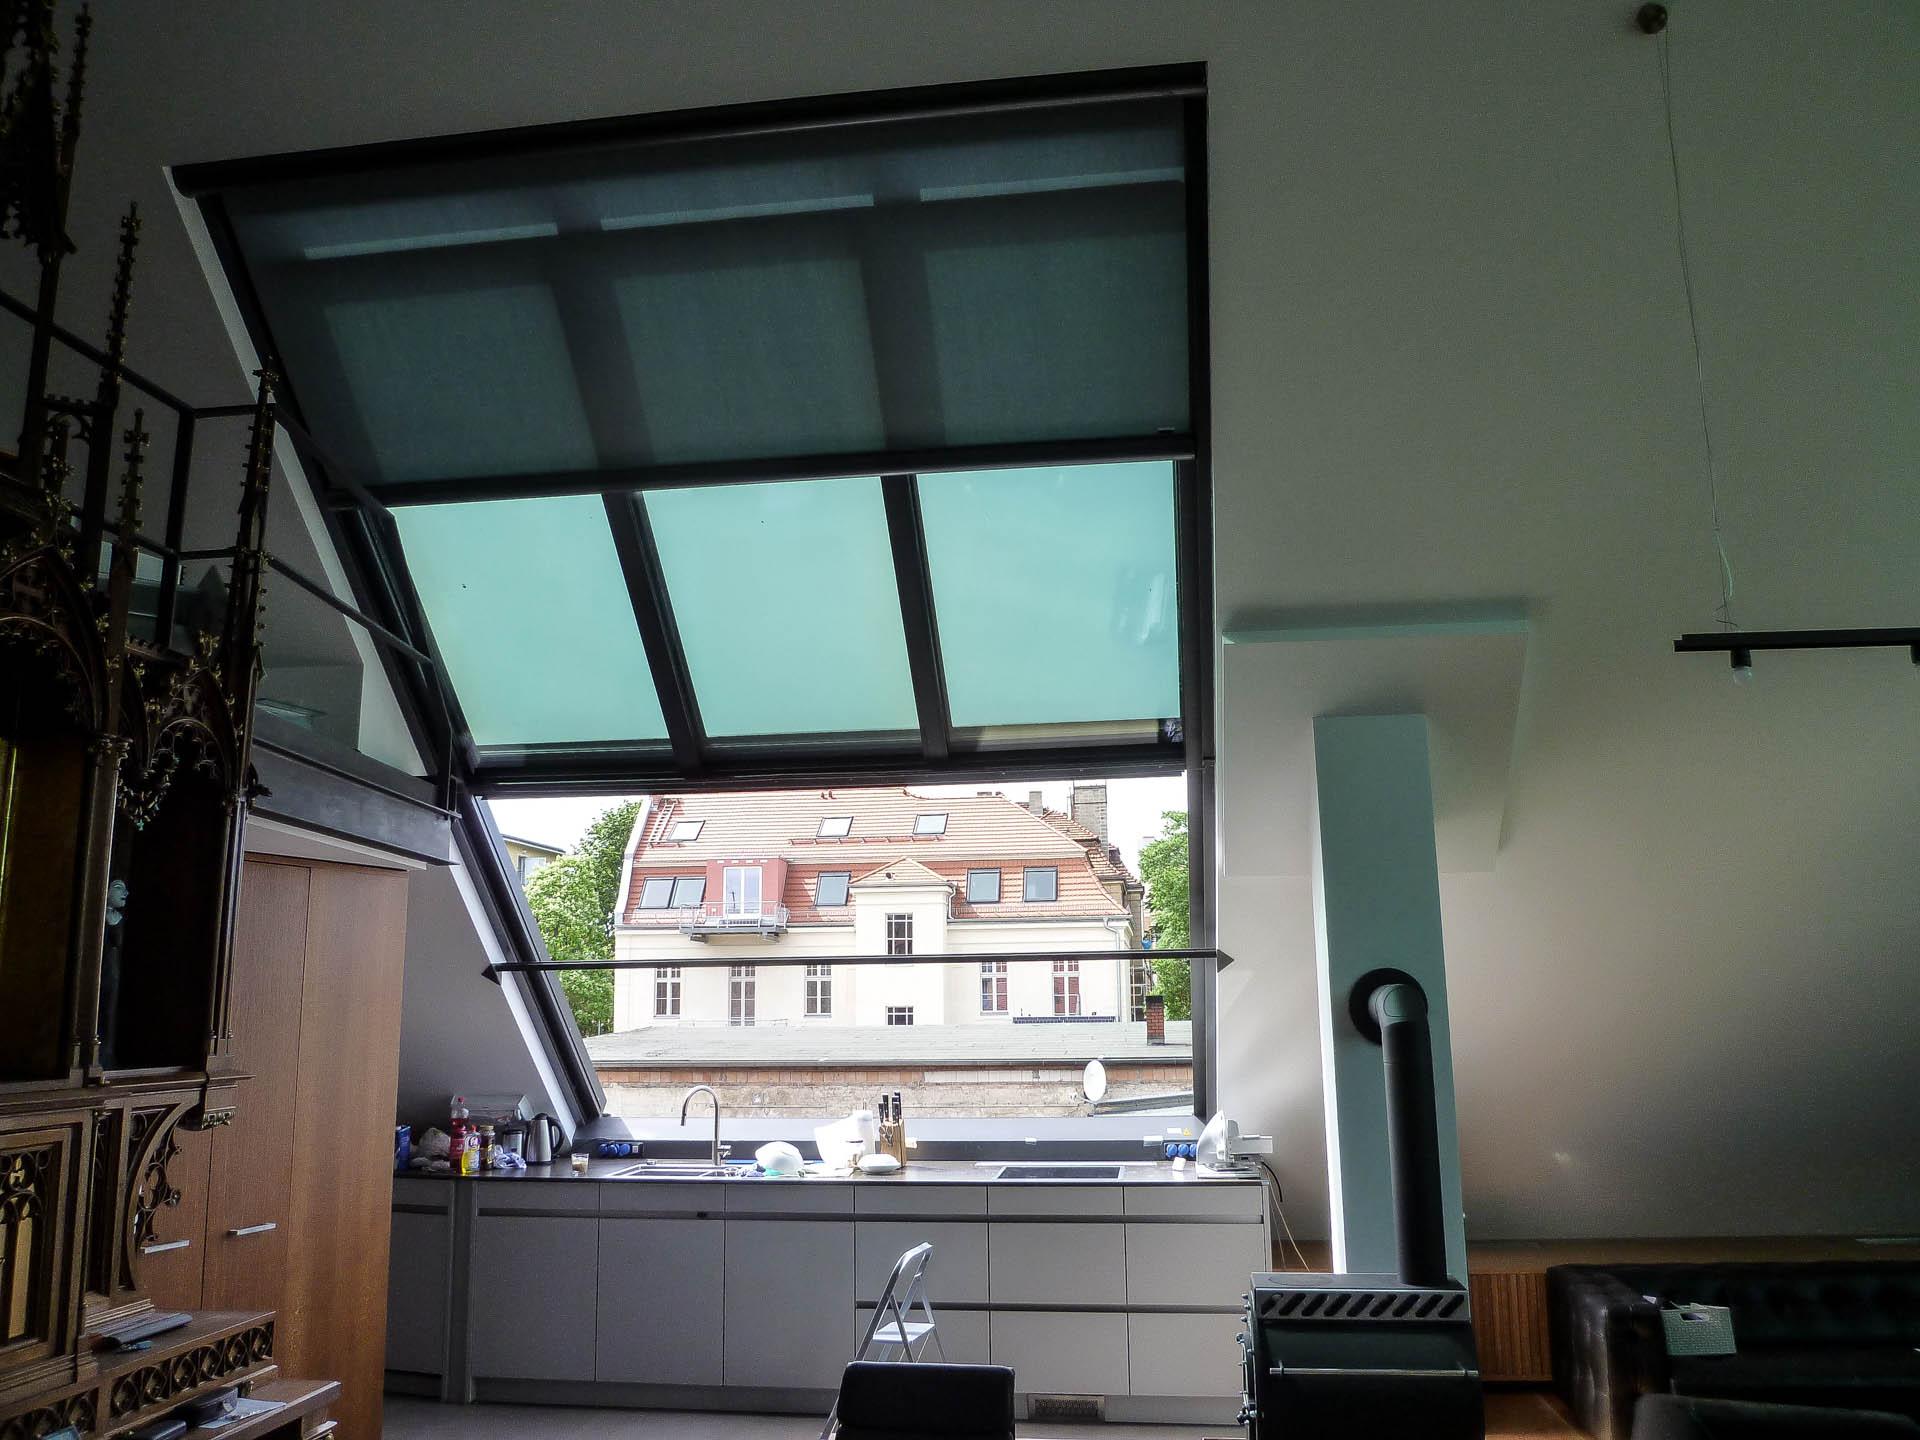 2-teiliges OpenAir Dachschiebefenster in Potsdam (Objekt 1127). Kochen unter freiem Himmel. Direkt oder auf Knopfdruck geschützt durch Glas.